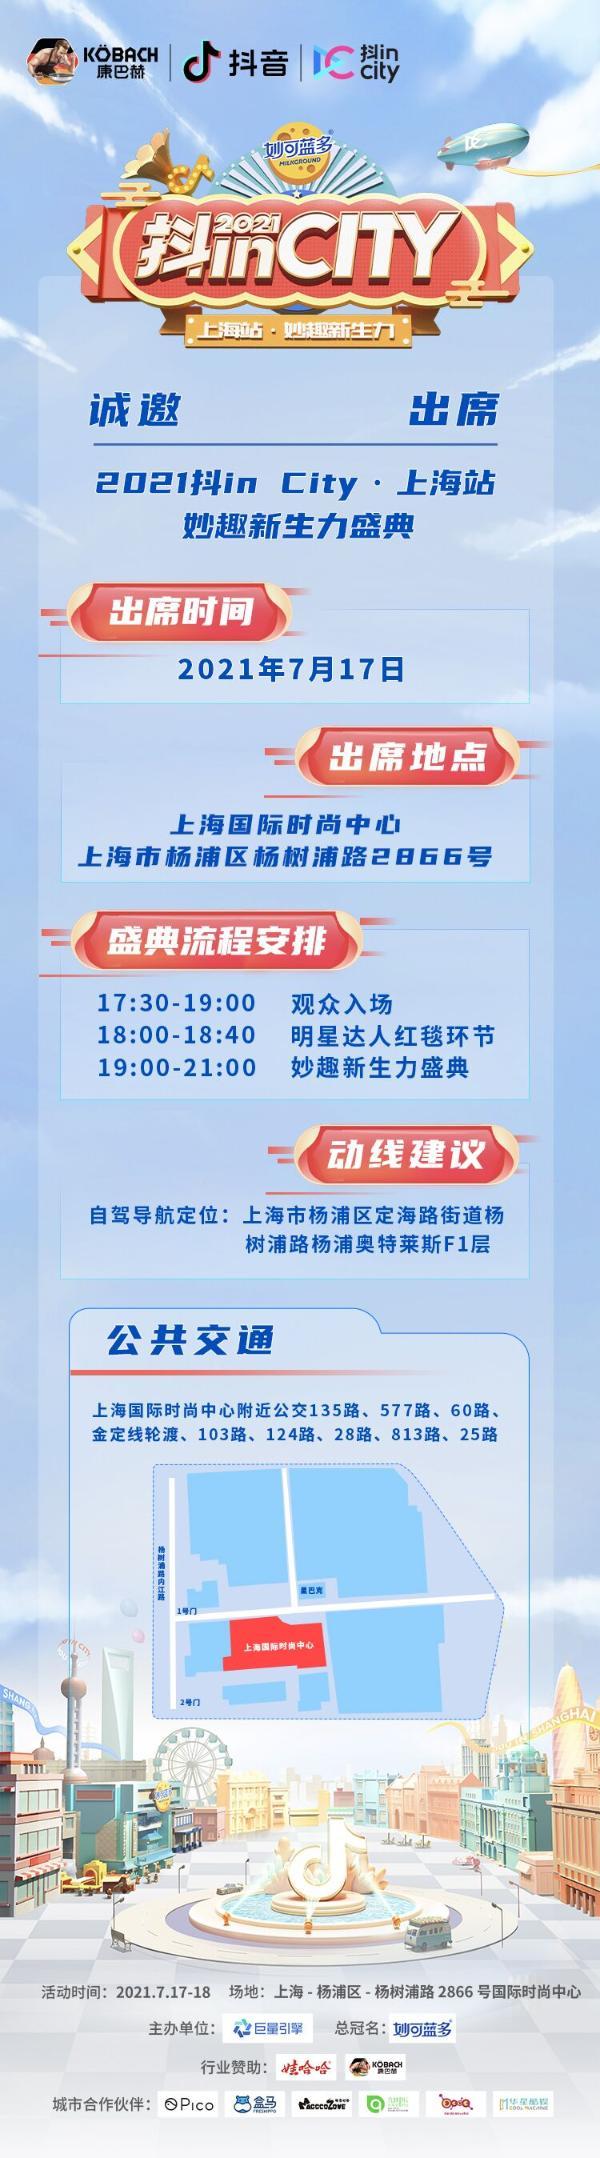 """康巴赫行业赞助""""2021抖inCity上海站"""",空投福利壕气冲天"""